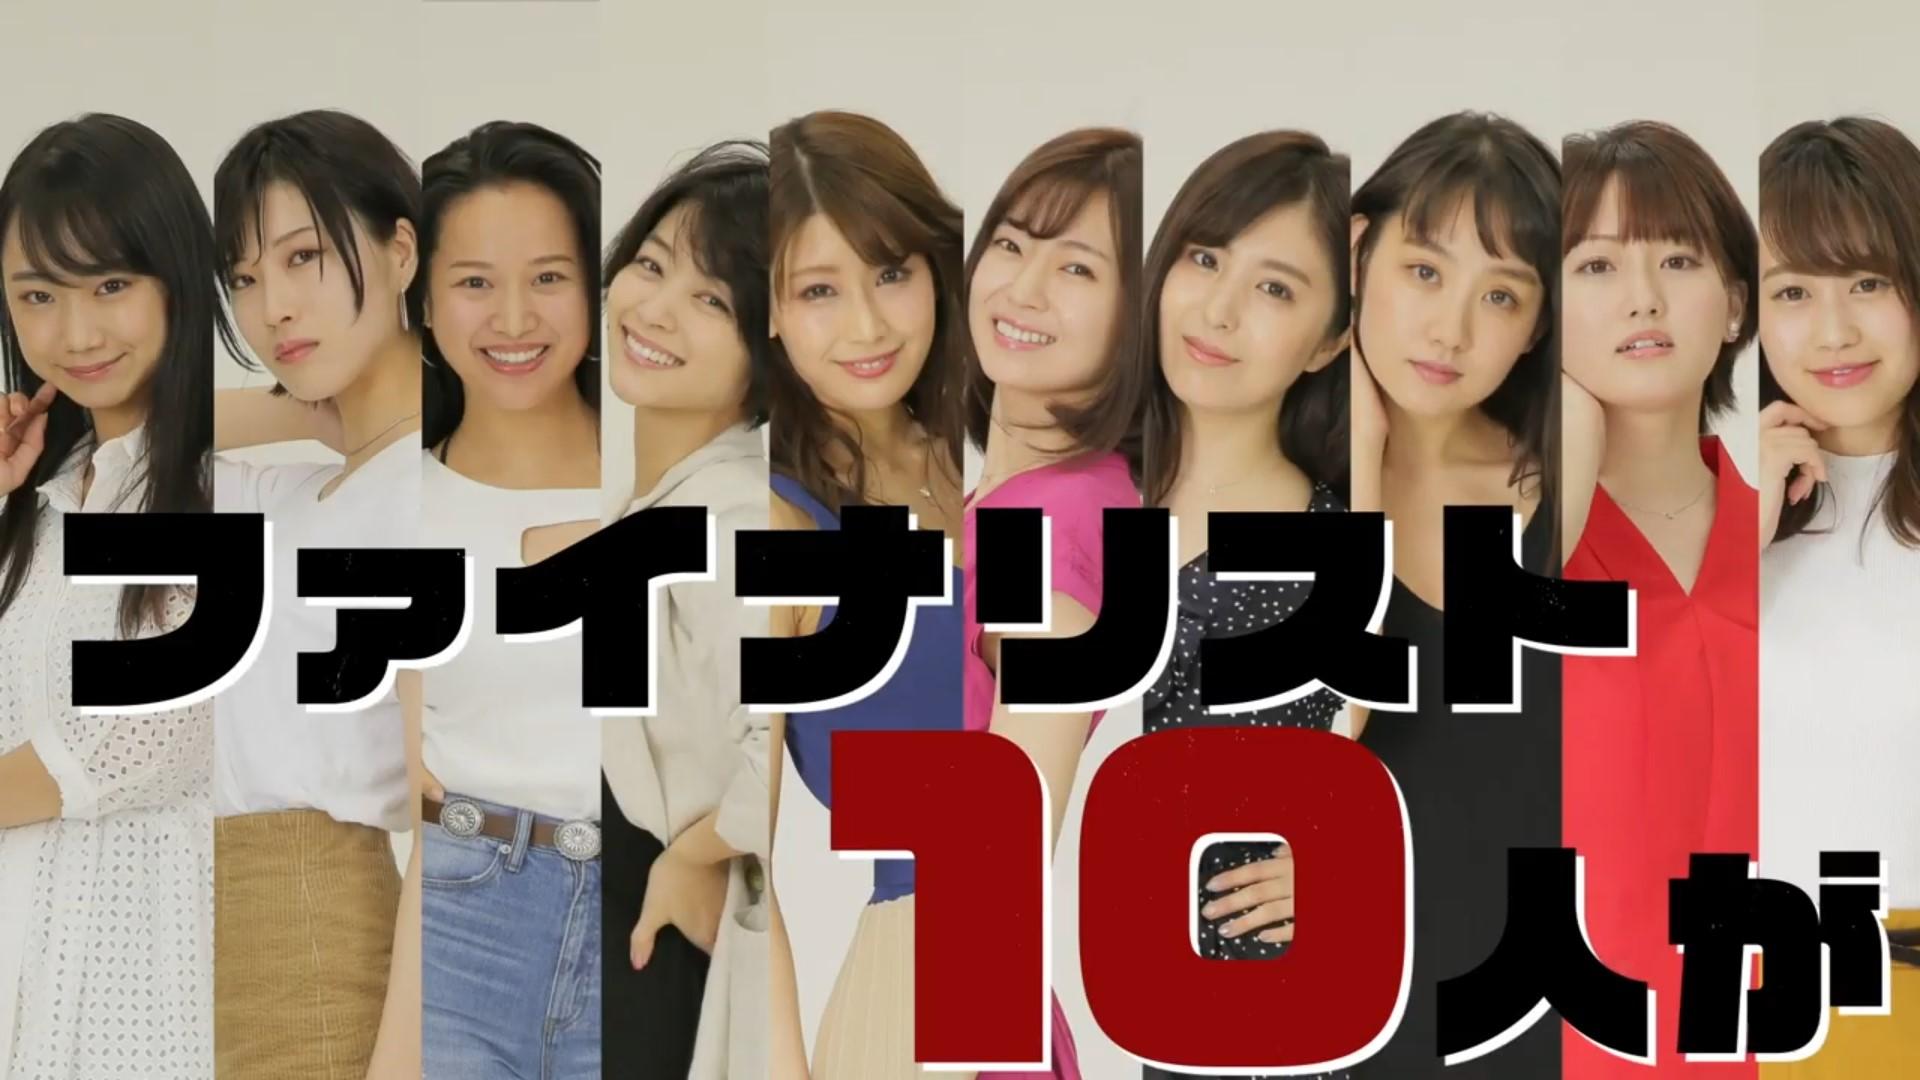 《如龙》新作女优十位候选人公布,你更喜欢谁呢?